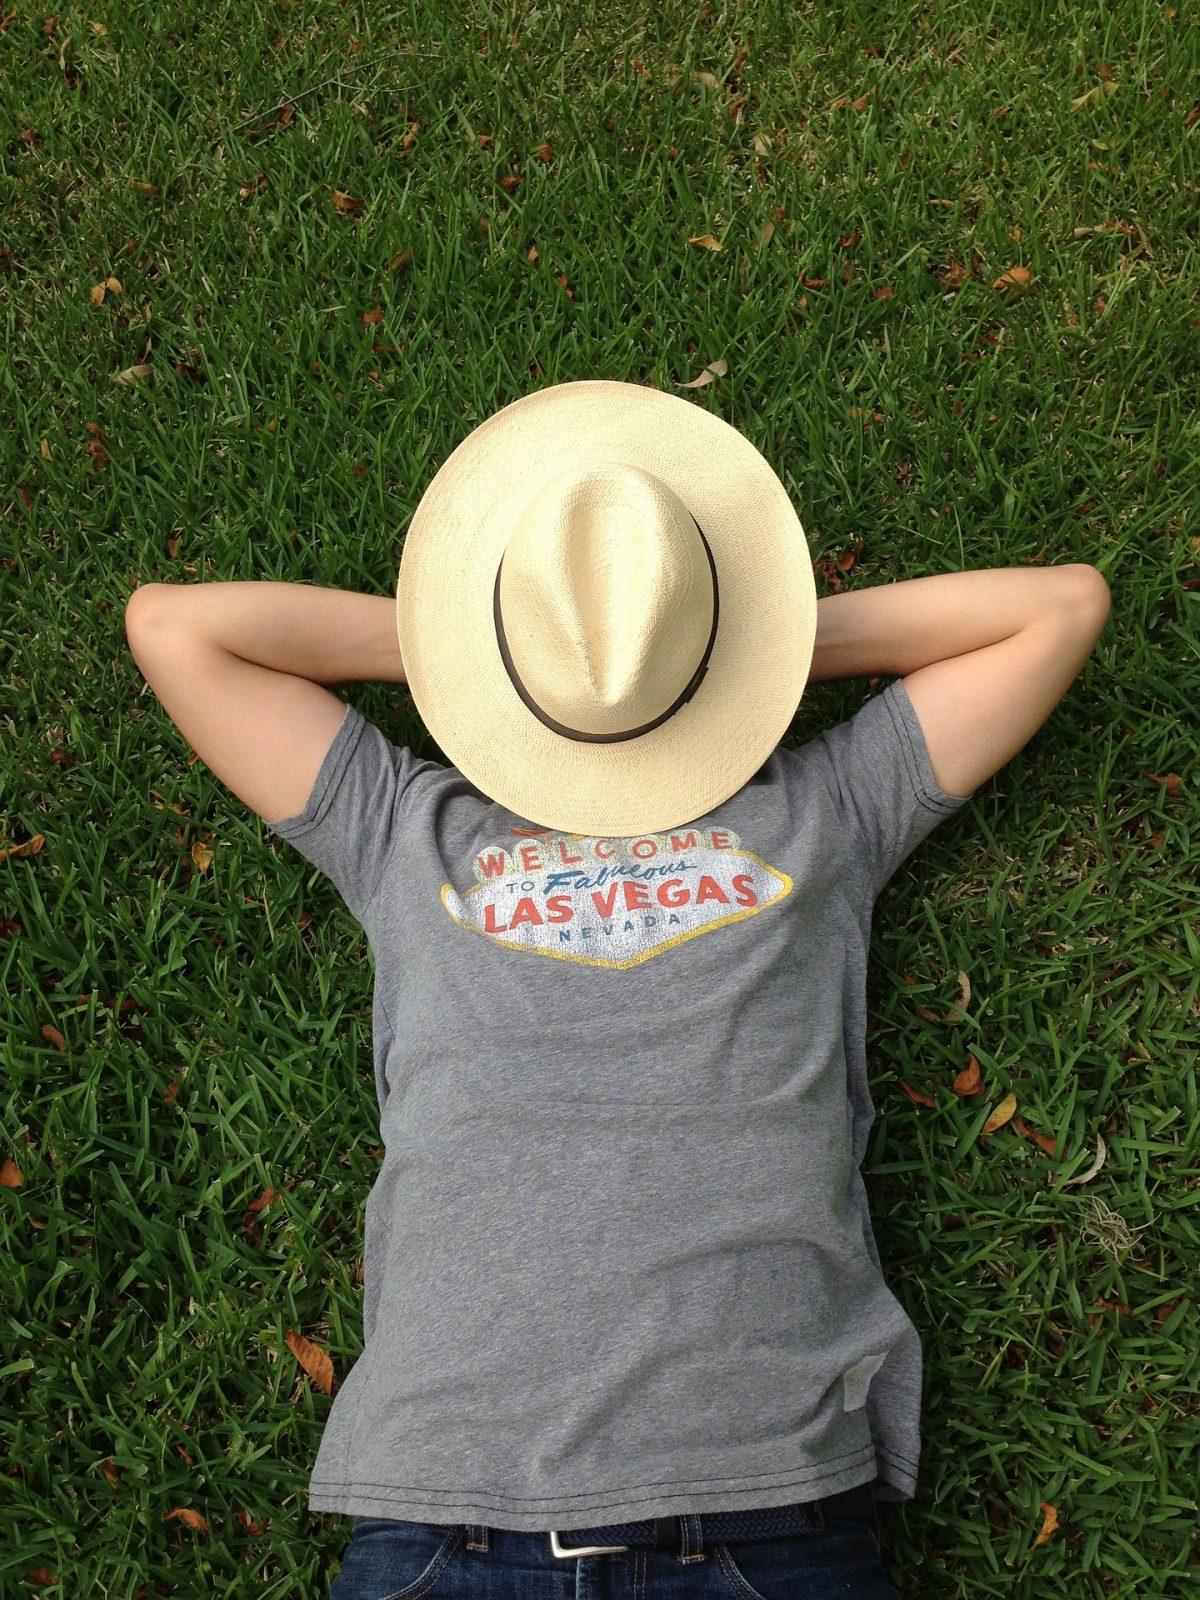 Gün ortası kısa uyku: Büyük etkiye sahip küçük mola